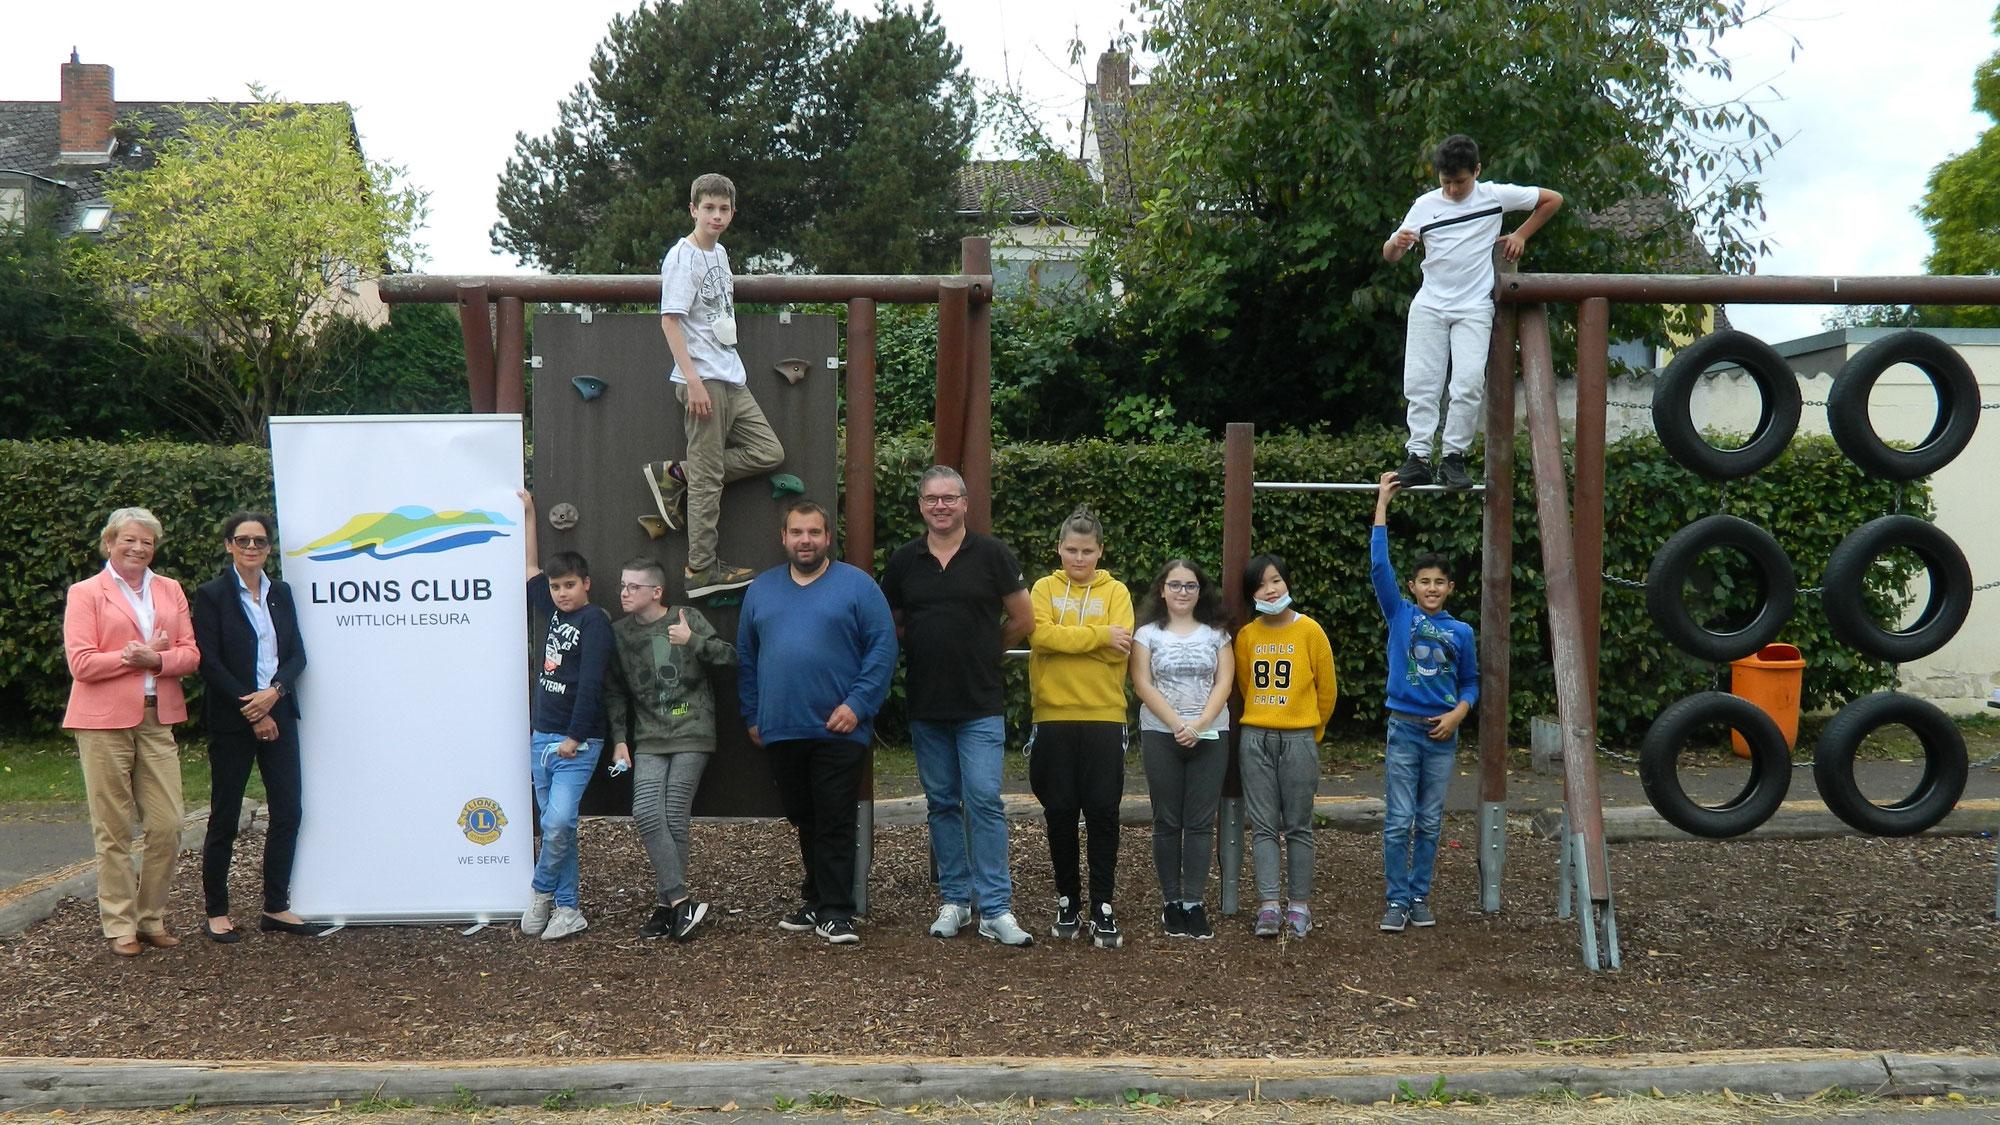 Damen-Lionsclub Wittlich - Lesura finanziert erlebnispädagogisches Projekt an der Clara-Viebig-Realschule plus